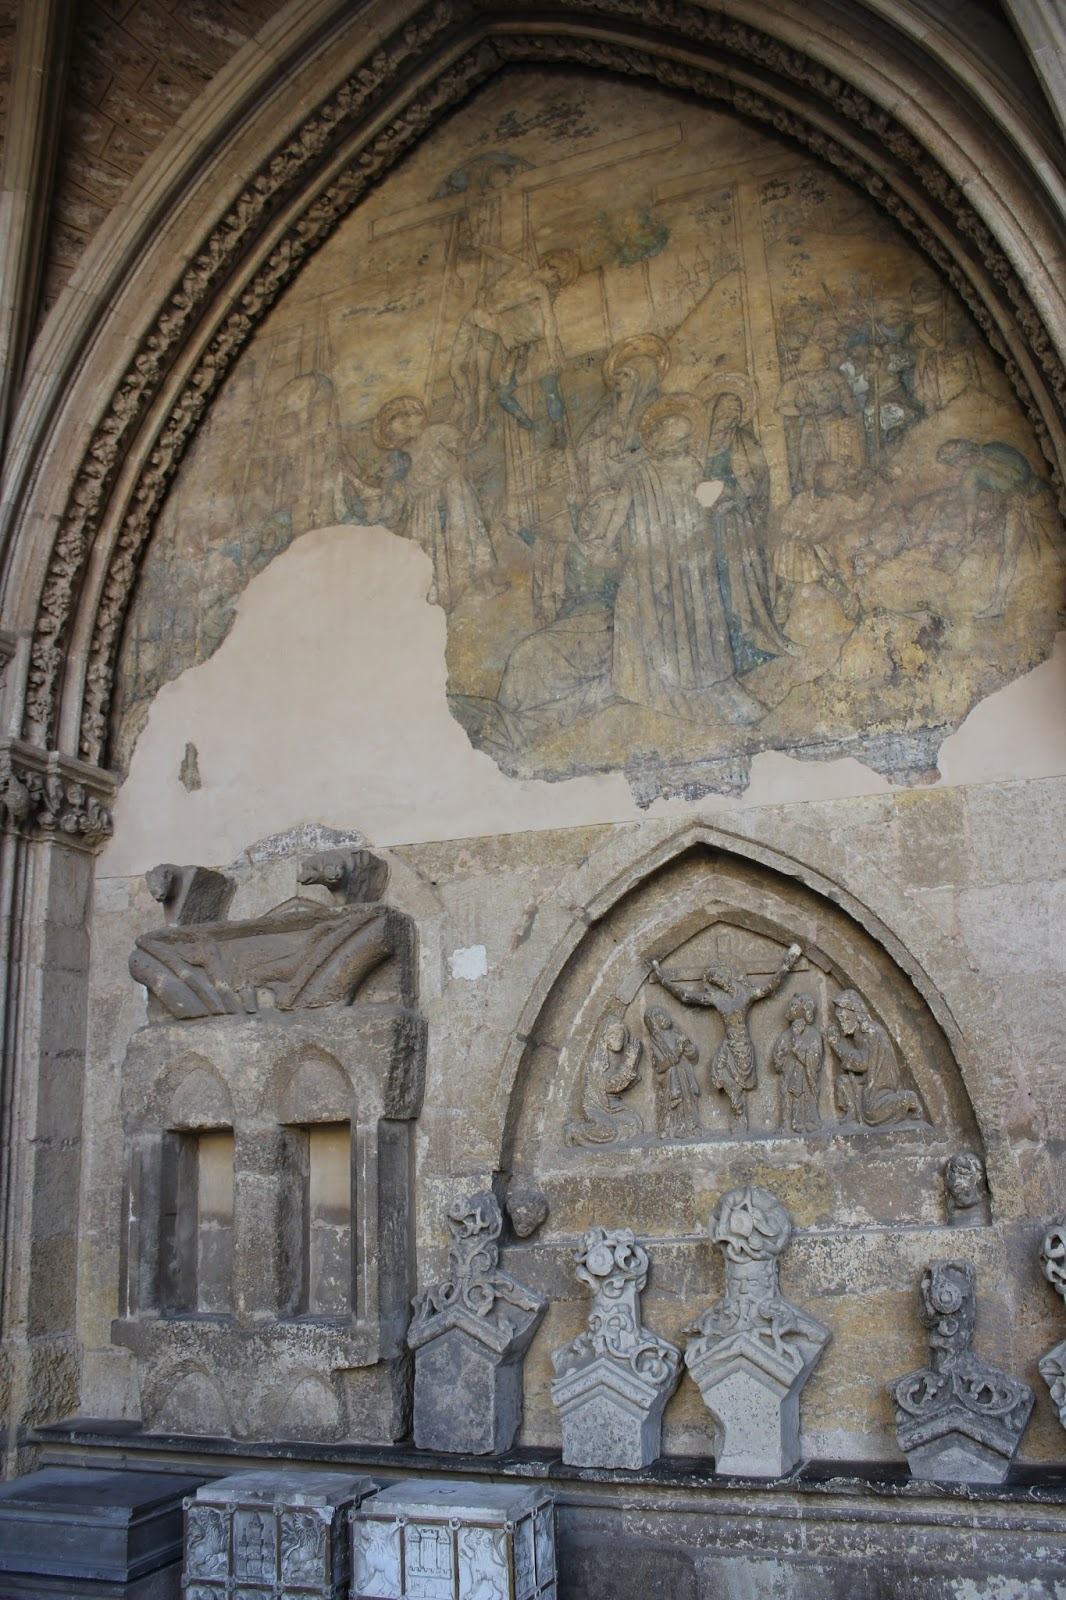 Maravillas ocultas de espa a la catedral de le n i el for 5 principales villas ocultas